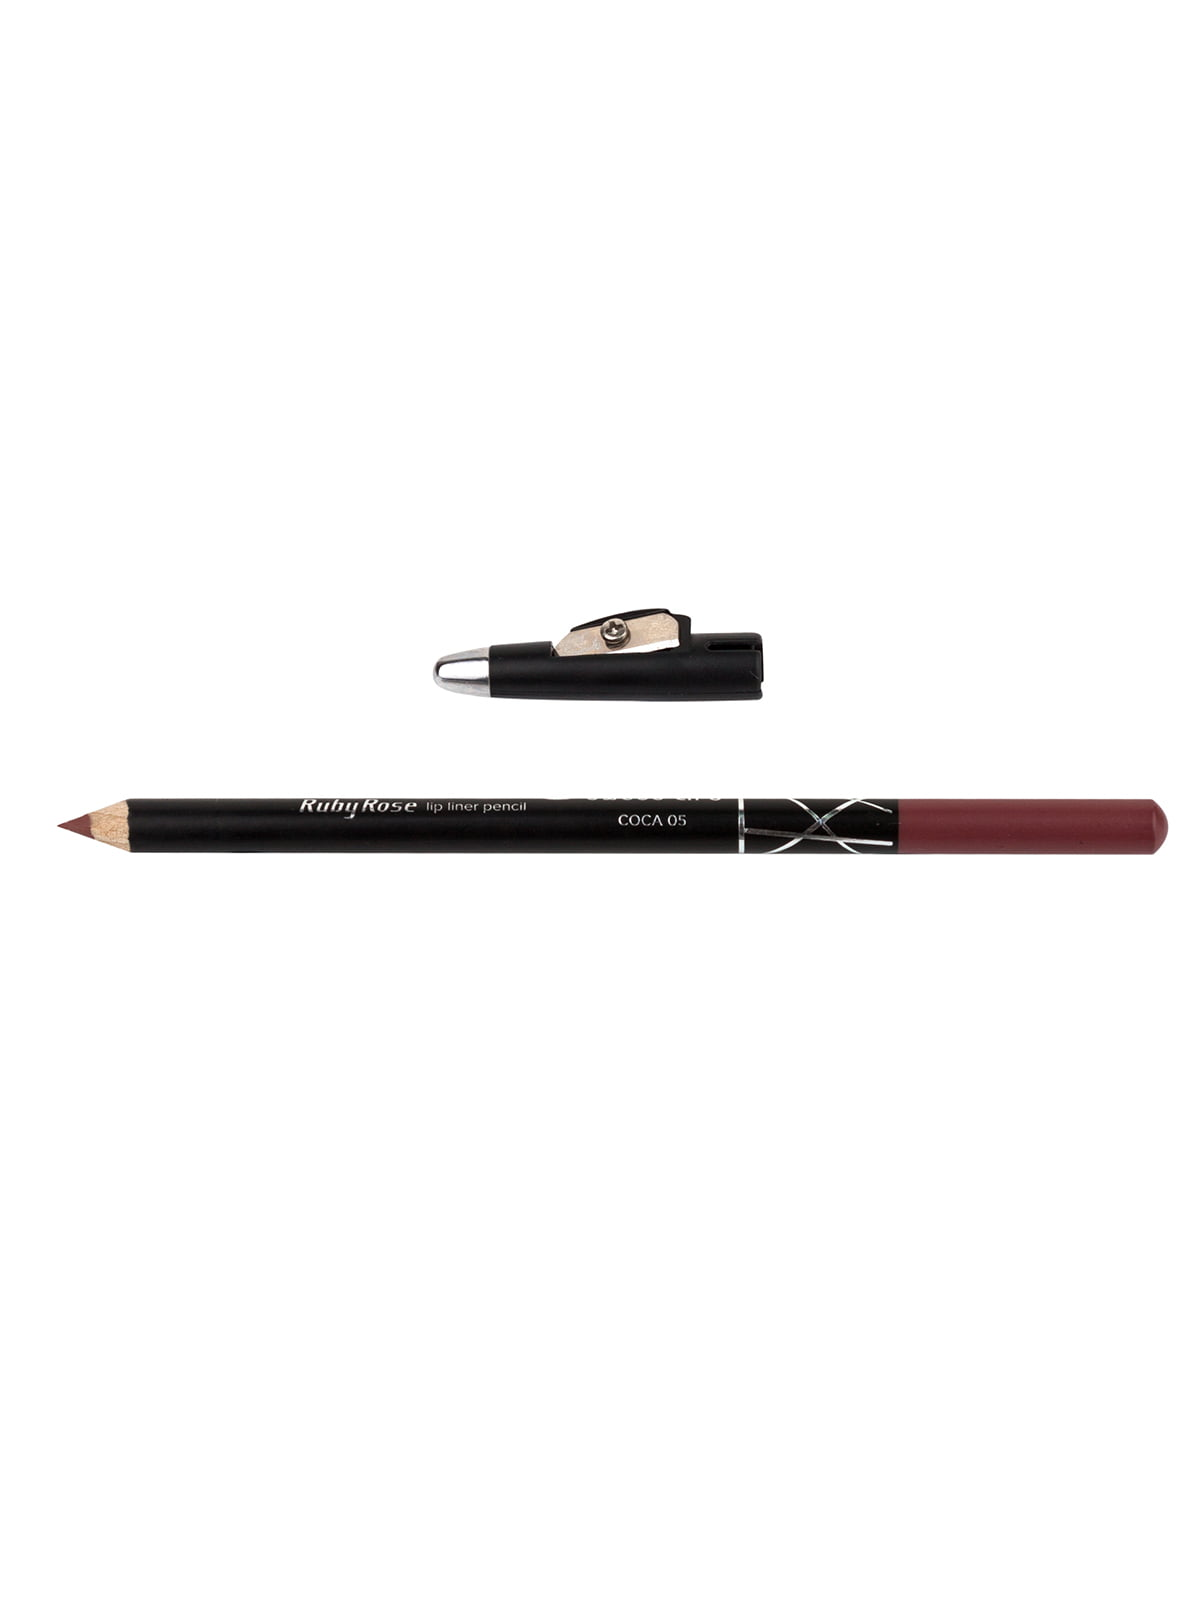 Олівець для губ Sweet Lips з підстругачкою - № 05 Coca | 4287419